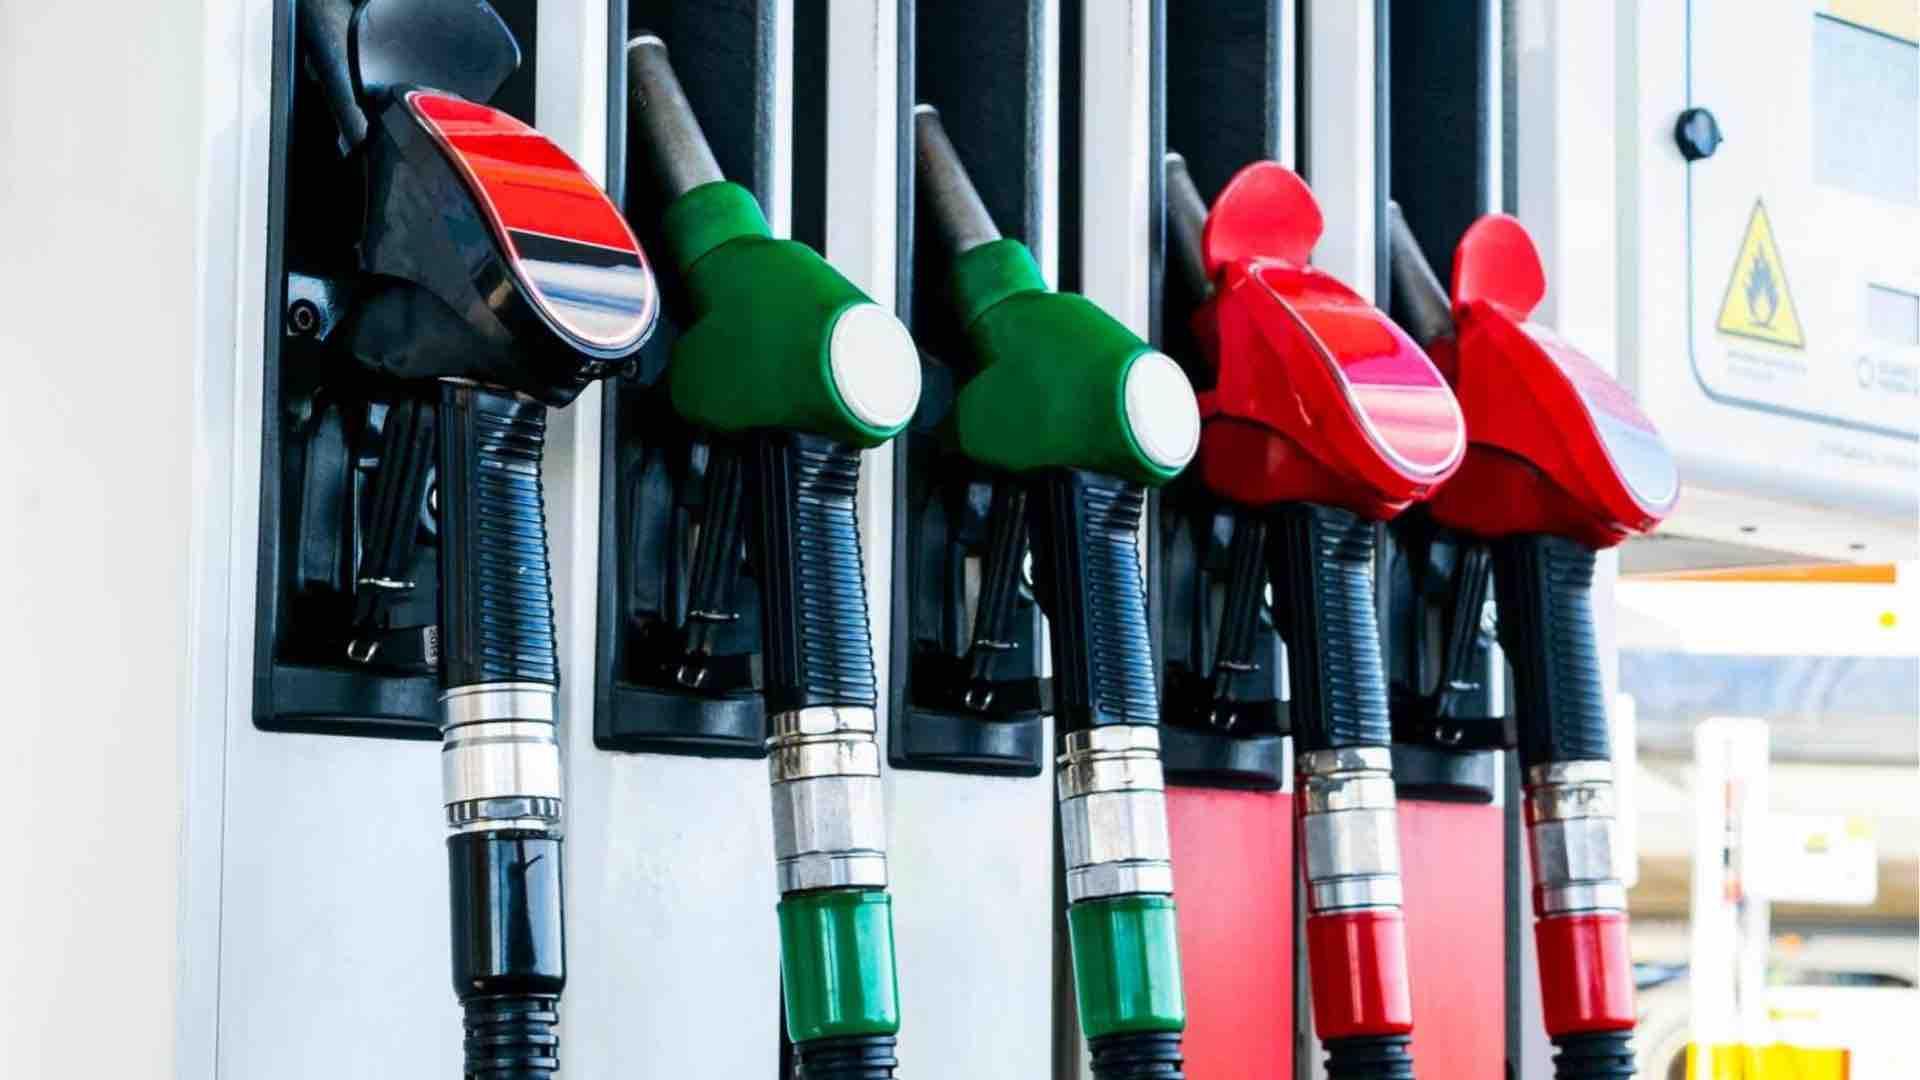 FIAP Valori indicativi di riferimento dei costi di esercizio v6. Dato del costo del gasolio del mese di Gennaio 2020.